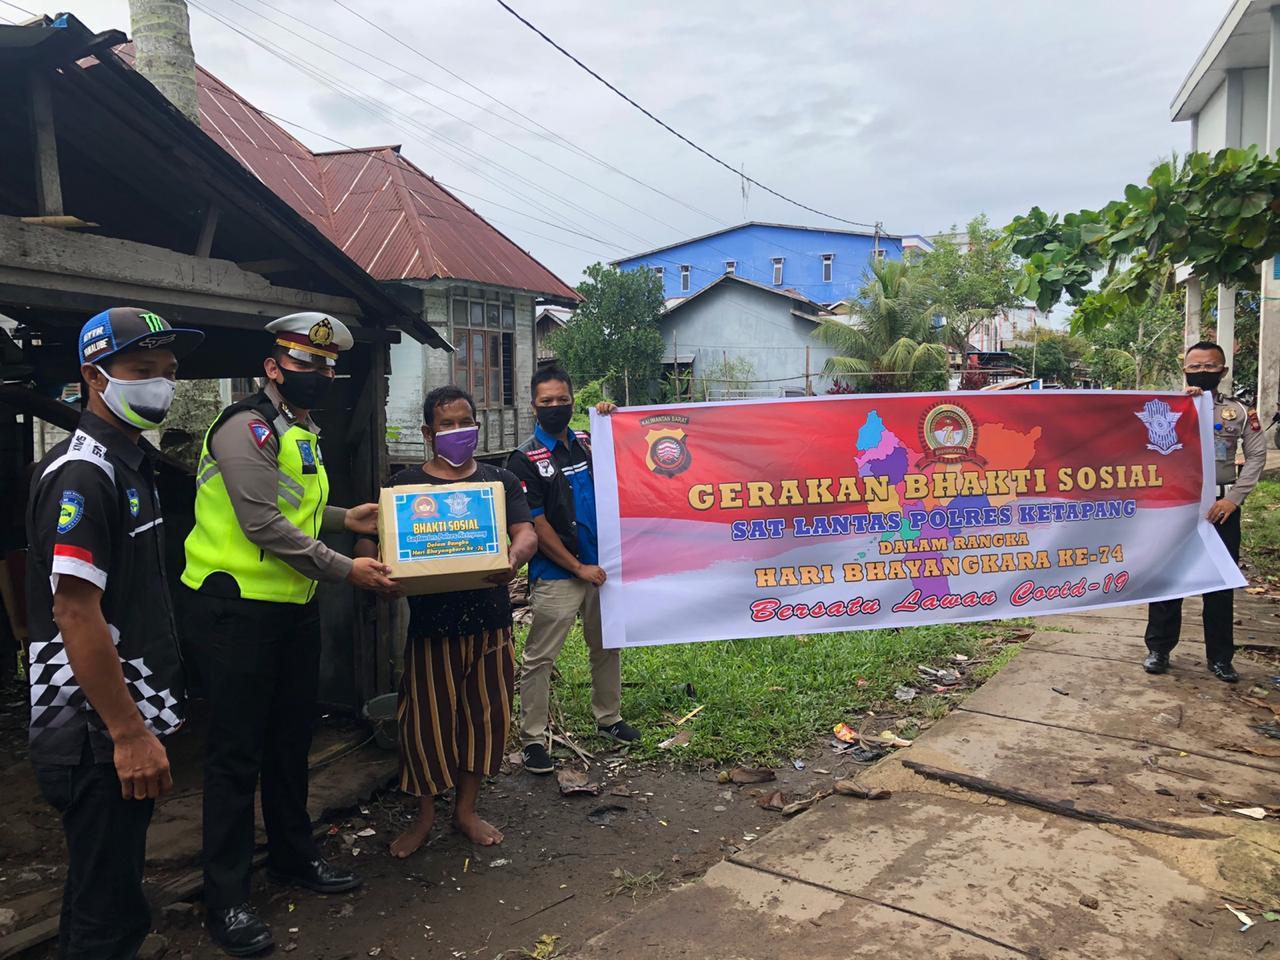 Bersama IMI Ketapang, Satlantas Polres Ketapang Patroli Bagikan Sembako